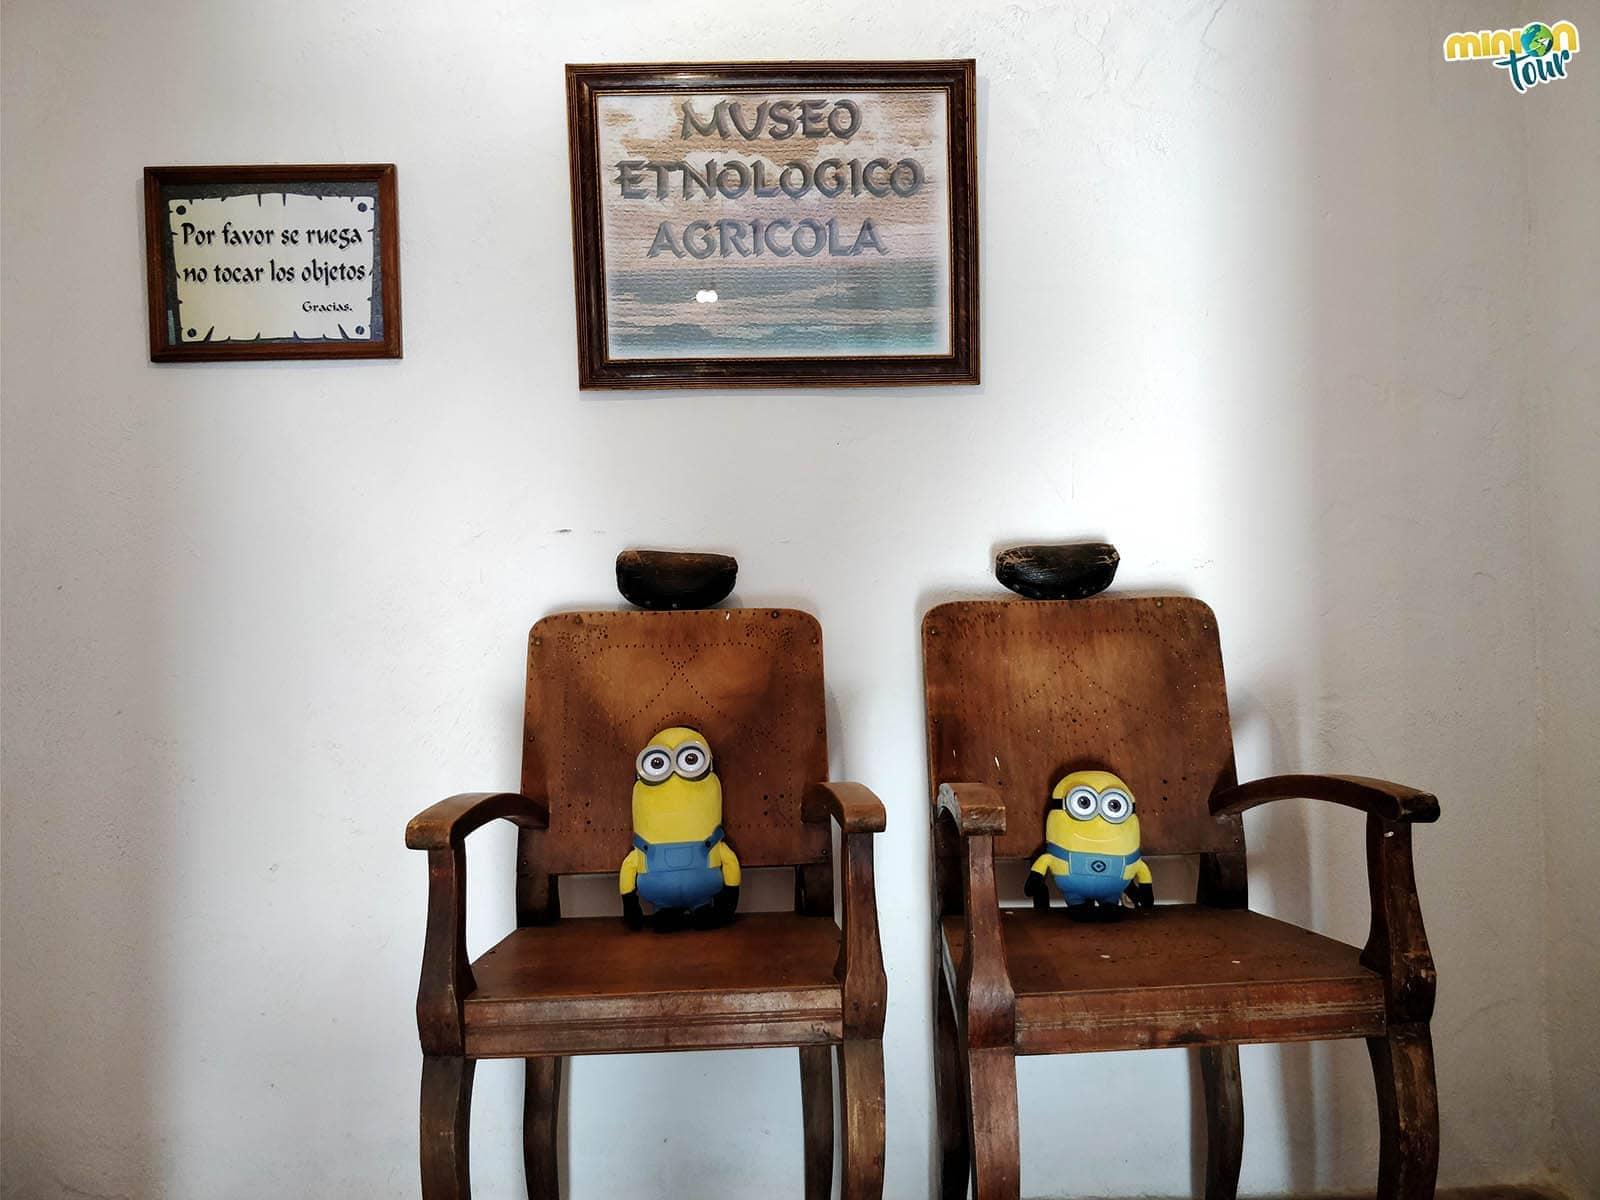 El Museo Etnográfico de Fuensanta